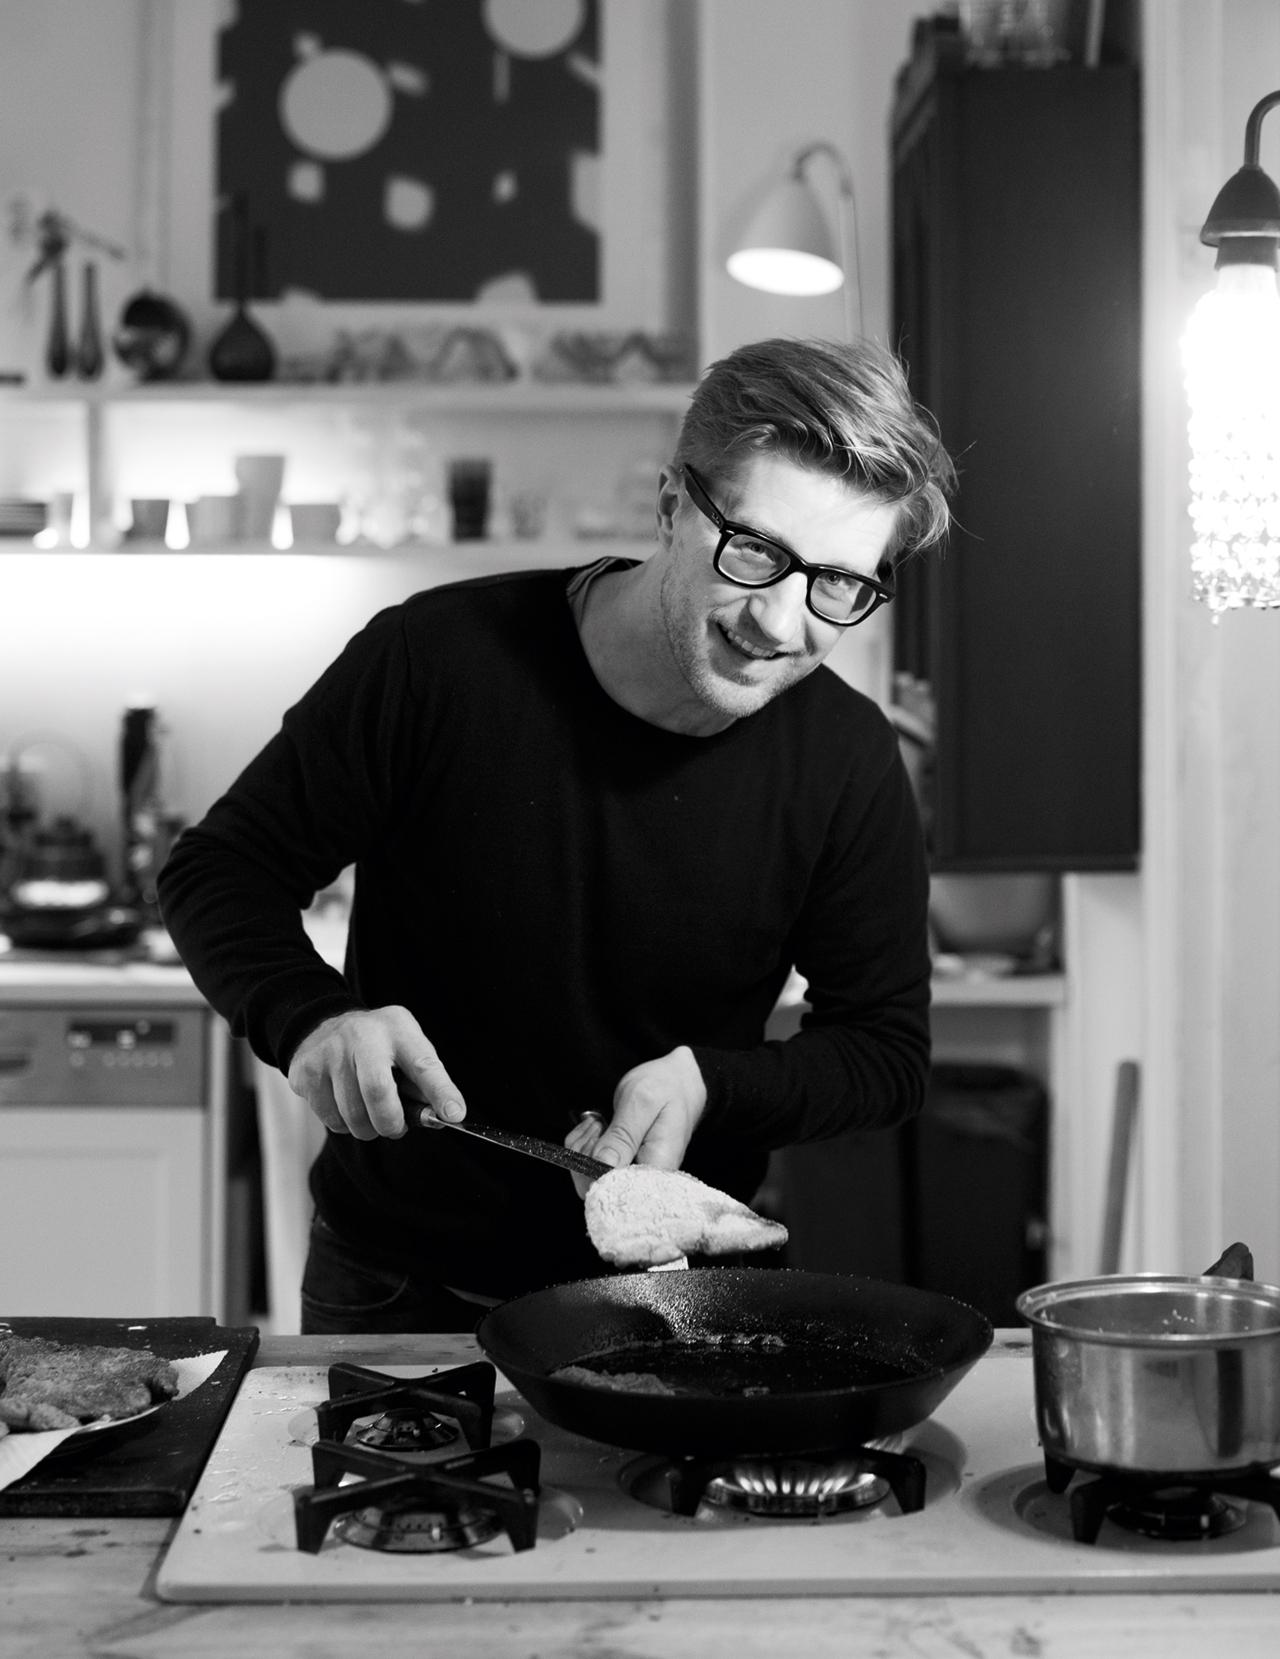 Per Asbjørn Risnes jr. liker å gjøre ting selv. Han fôrer familien til hverdag og fest med gamle klassikere, nye eksperimenter og hjemmelaget fast food. Det hender rett som det er at de liker det han lager. Frilansjournalisten og forfatteren har gitt ut flere bøker, blant annet kokeboka «Pappamat» på Garmann forlag.